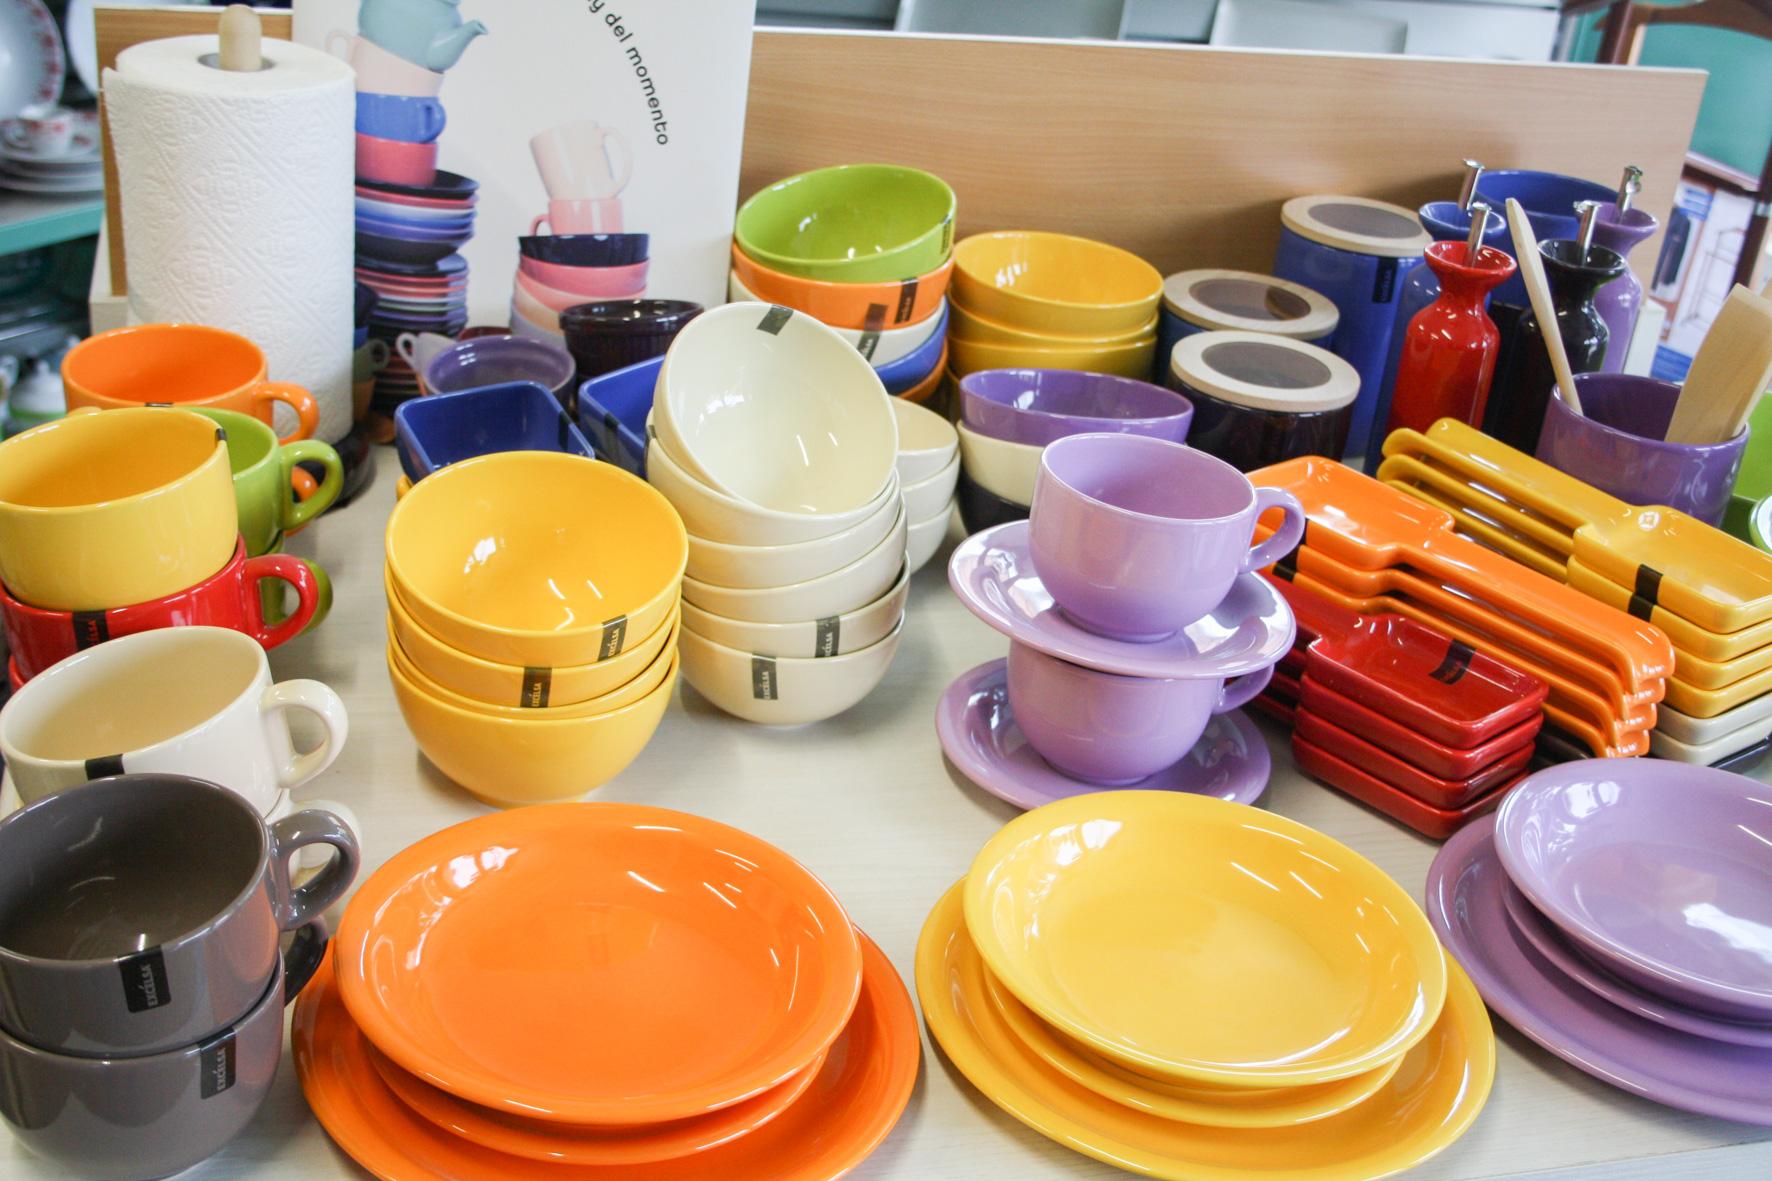 Porcellana servizi di piatti mille idee casa - Servizi di piatti ikea ...